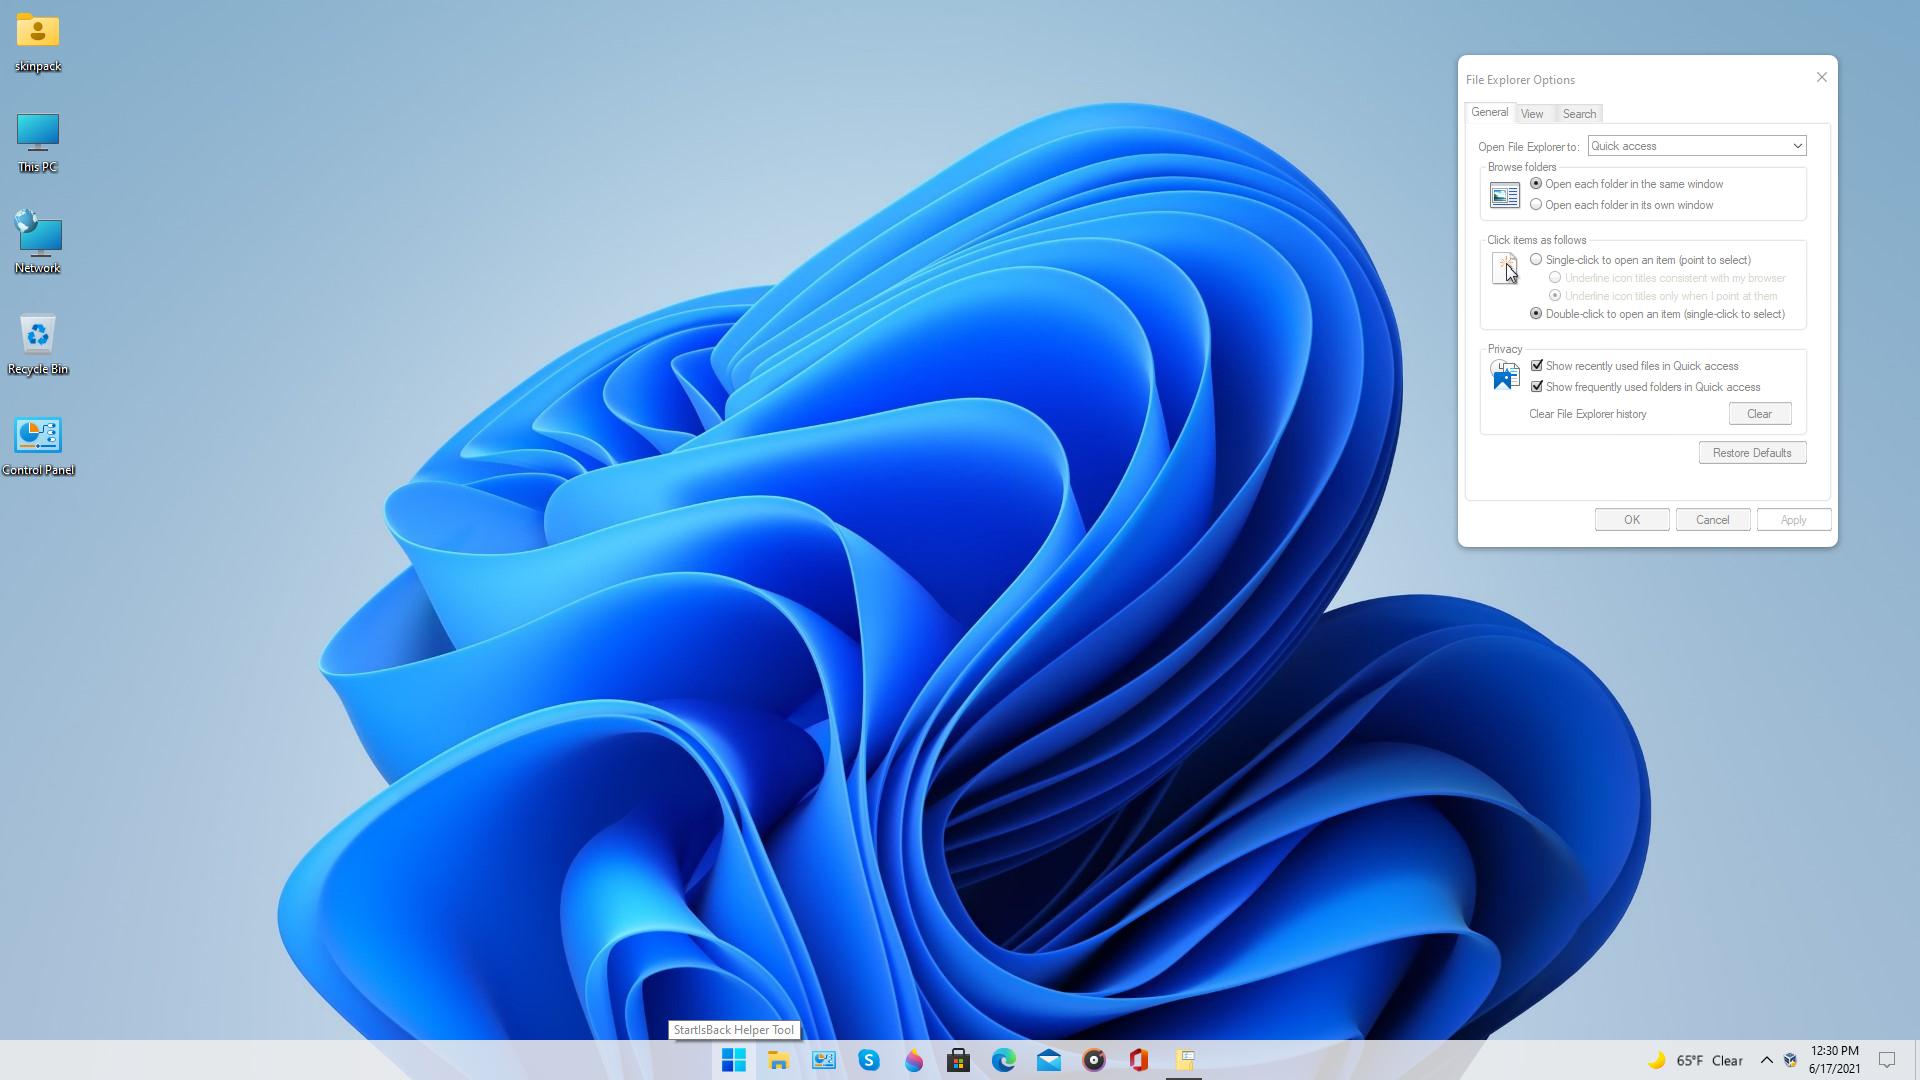 Windows 11 Skin Pack for Windows 10